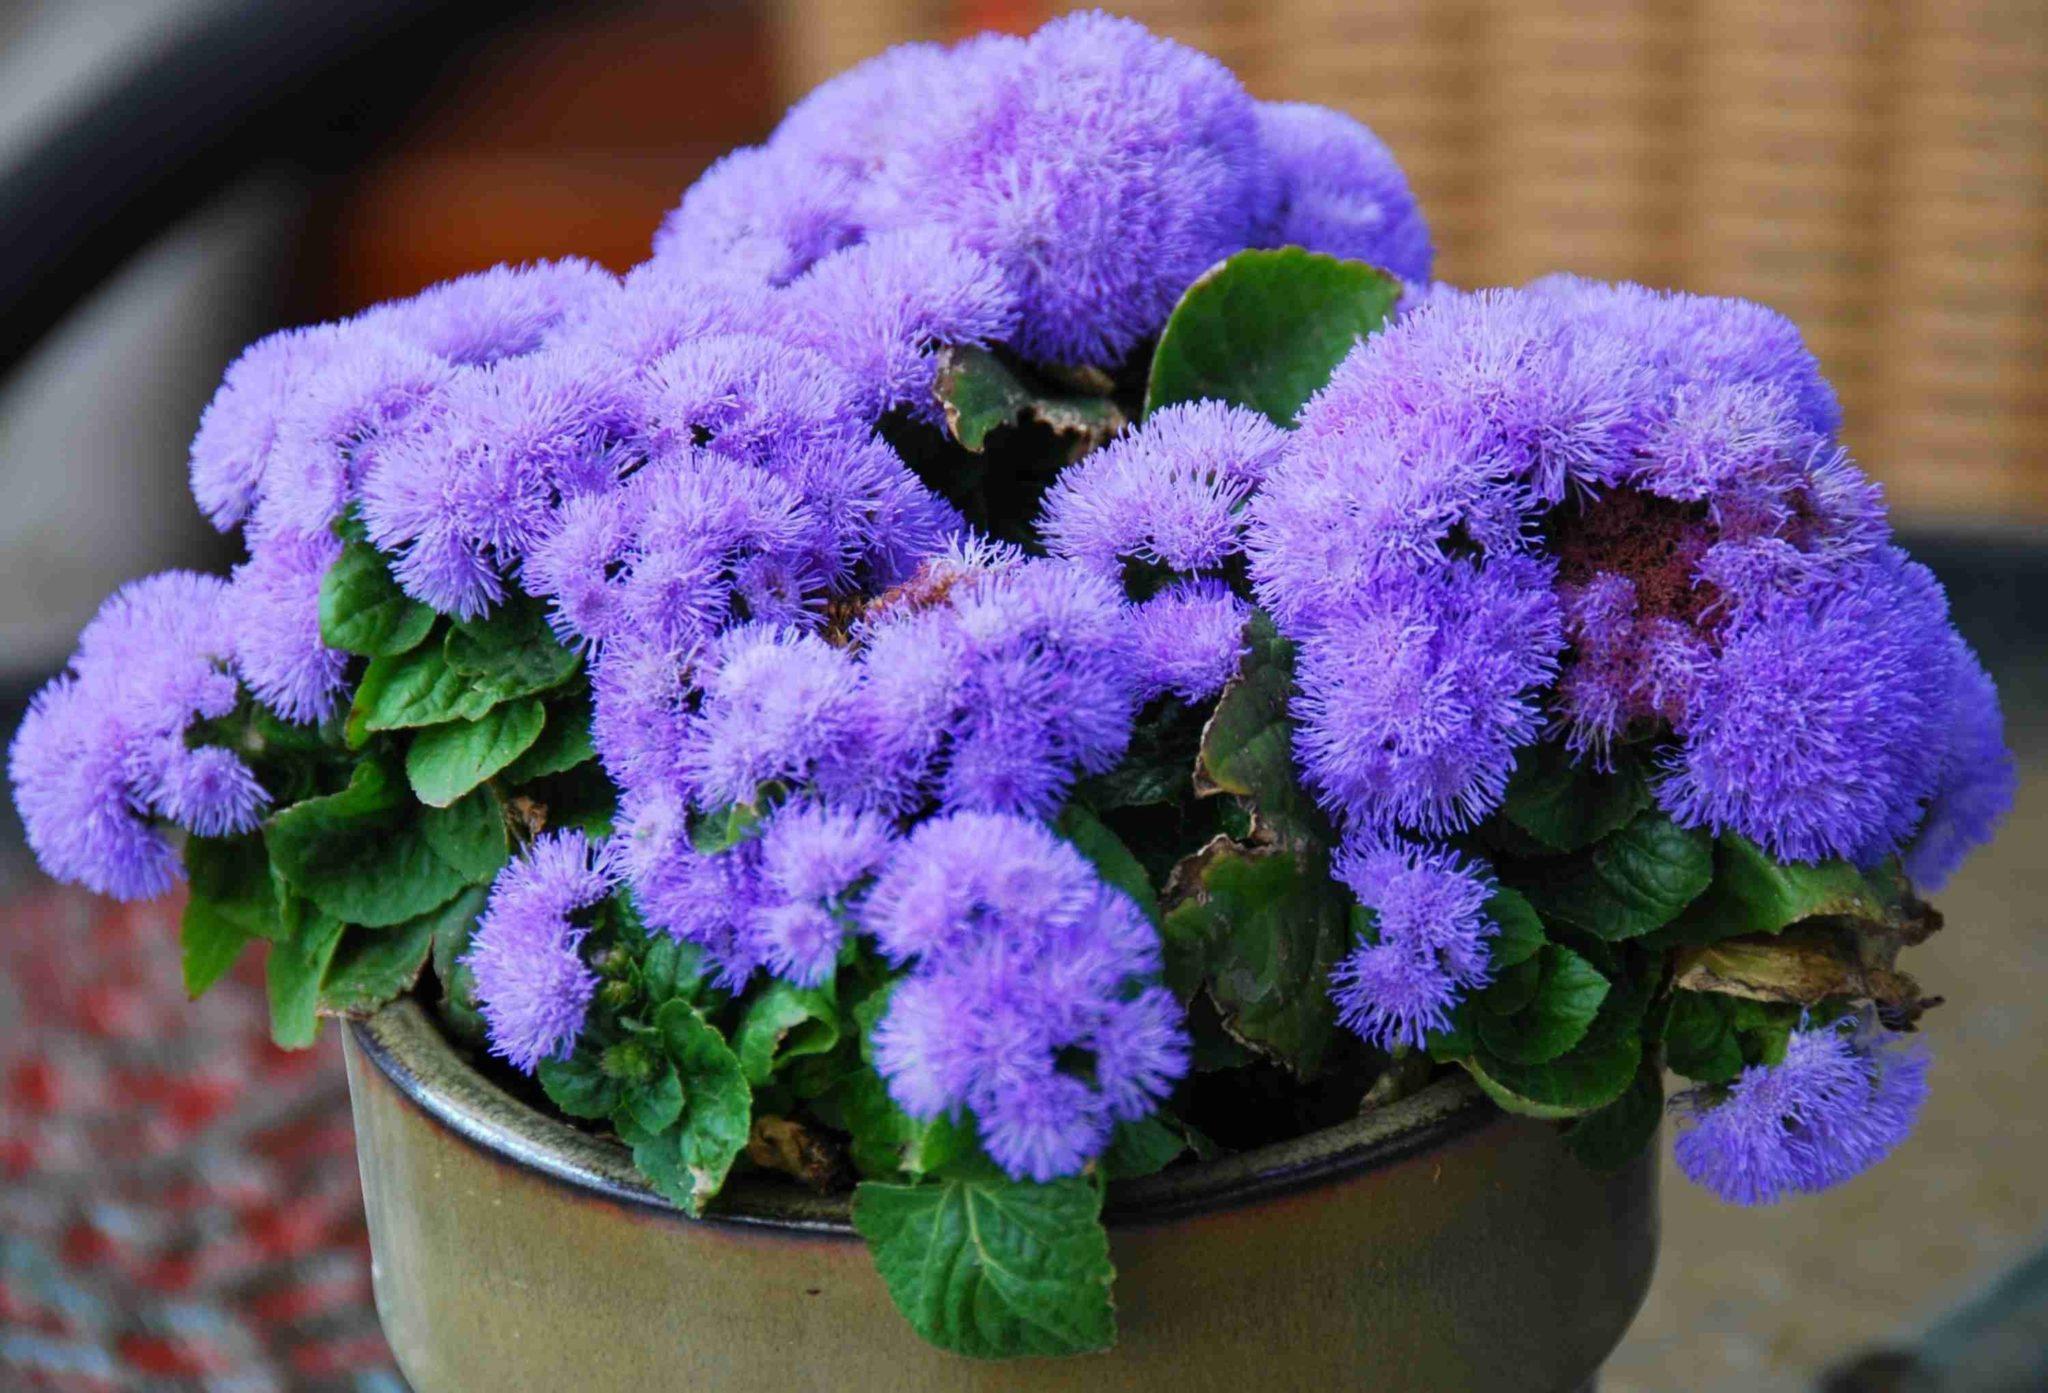 Комнатное растение - агератум для отпугивания насекомых